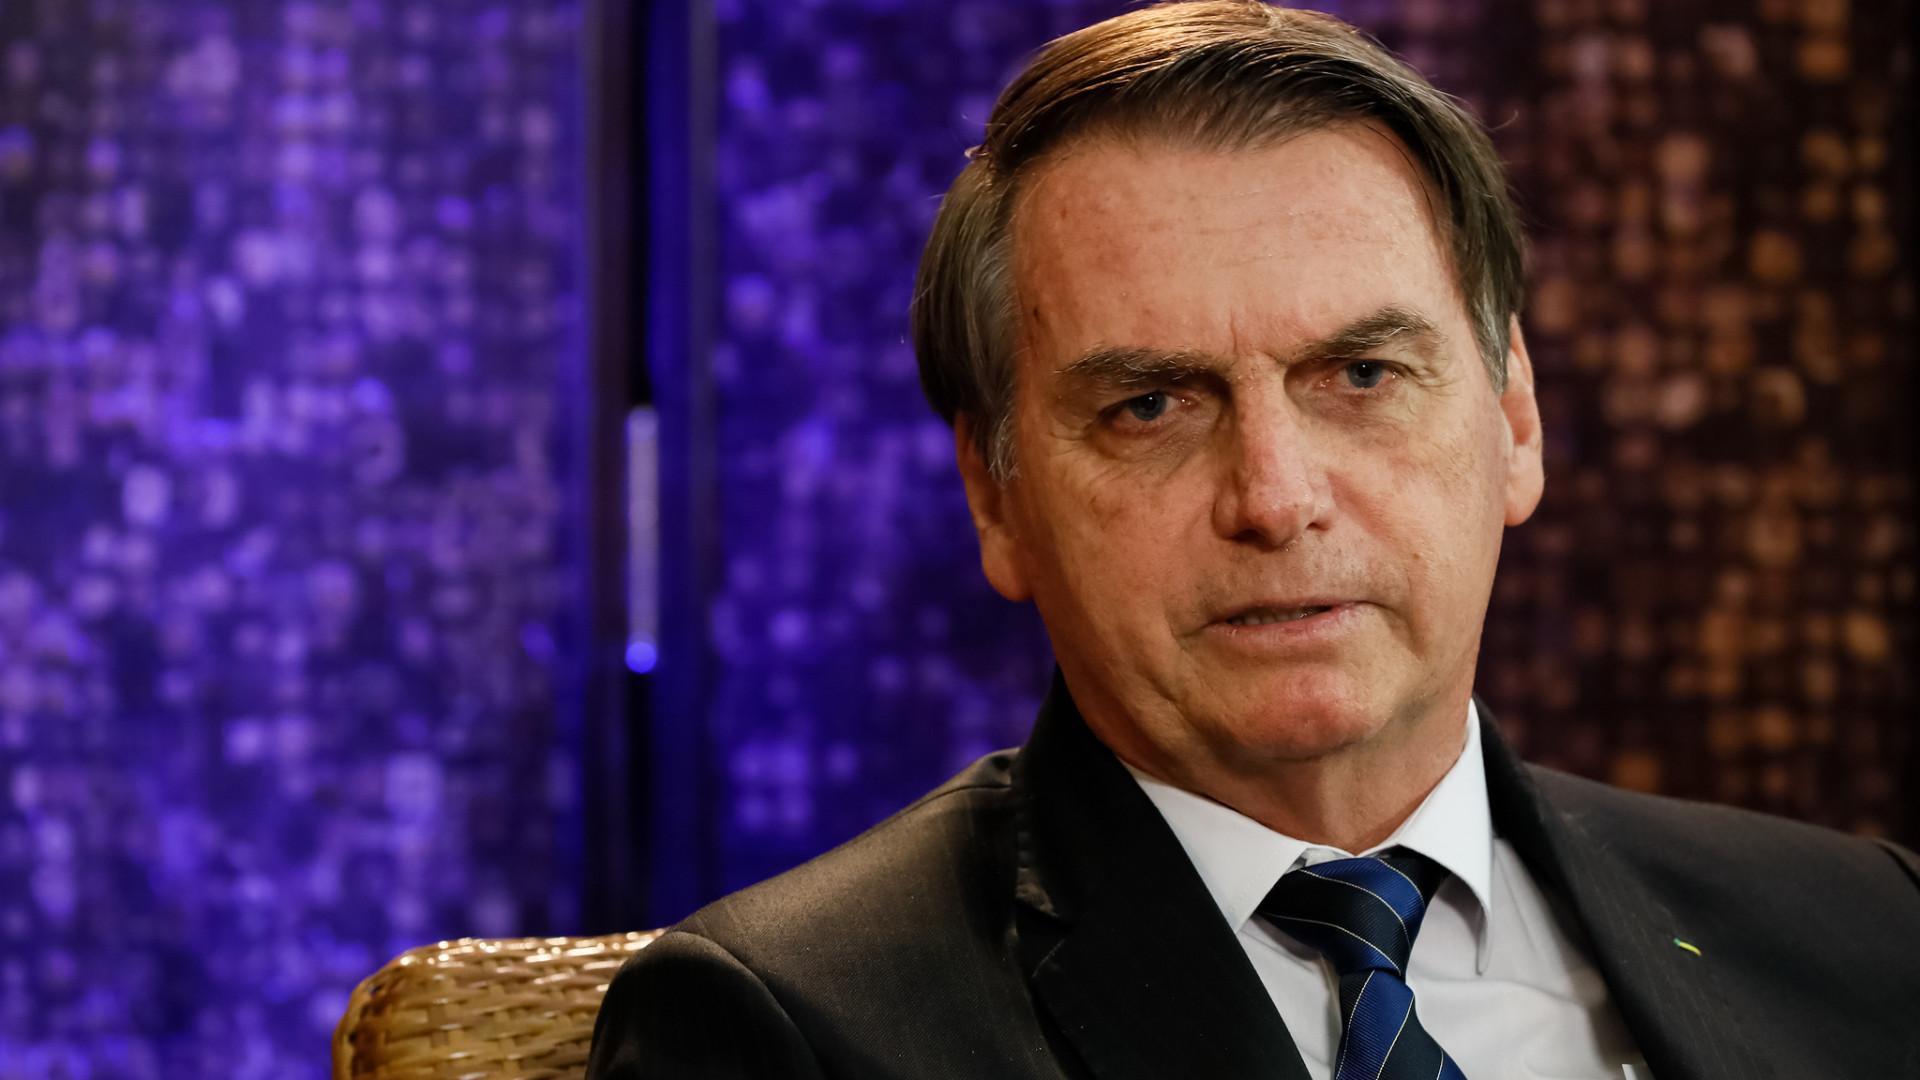 Planalto causa constrangimento ao enviar foto de Bolsonaro a embaixadas